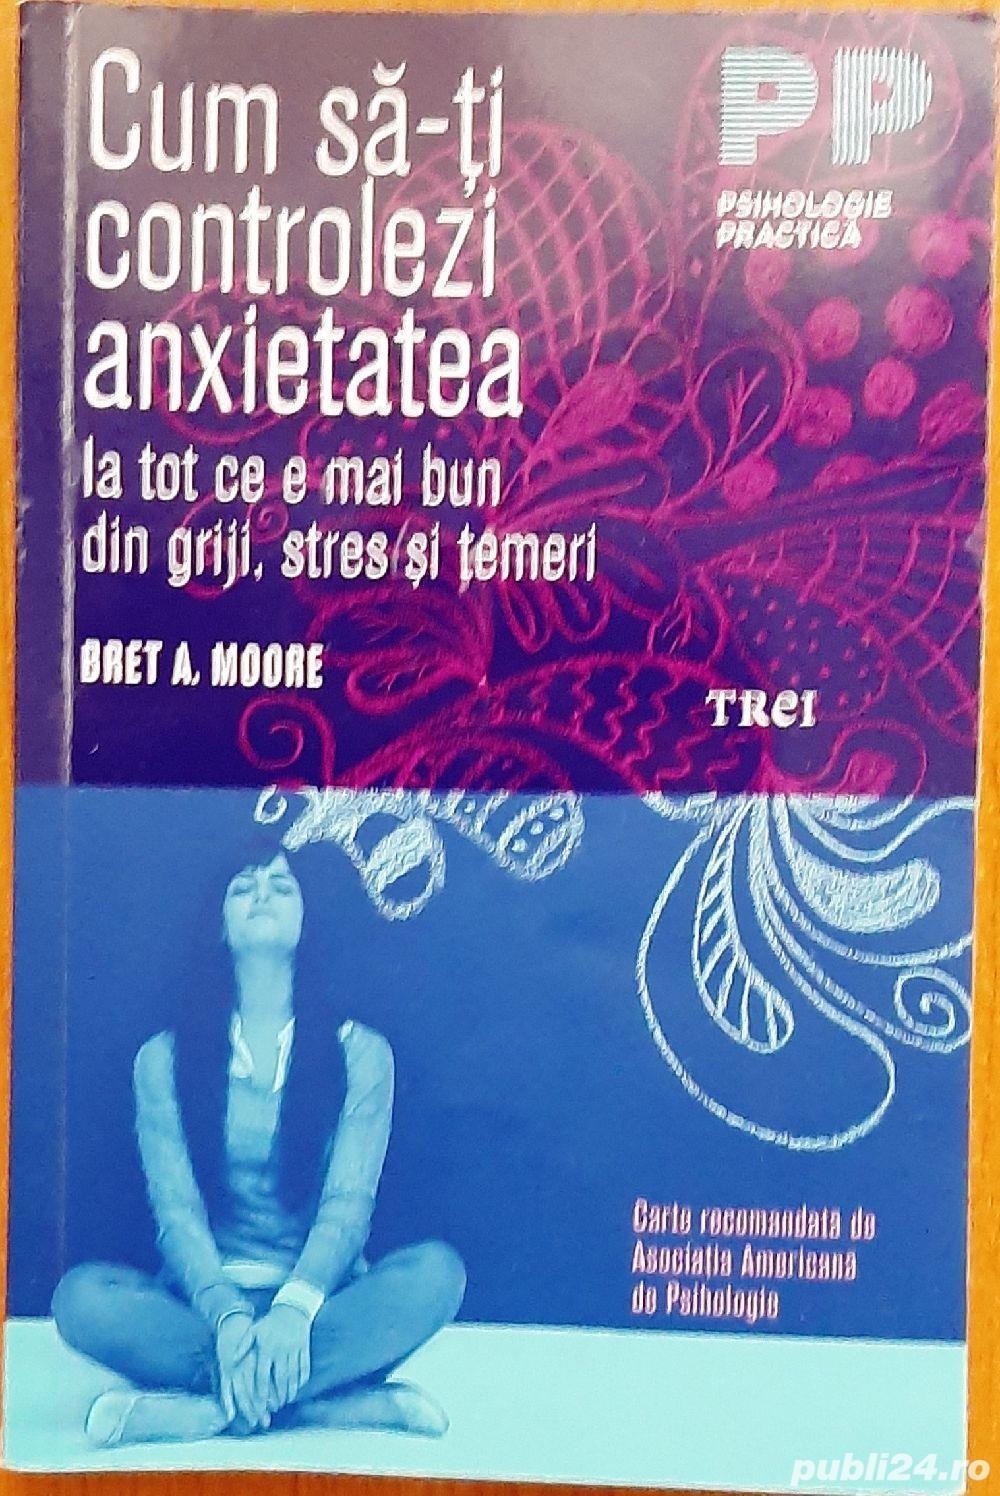 CARTE: Cum să-ți controlezi anxietatea de Bret A. Moore